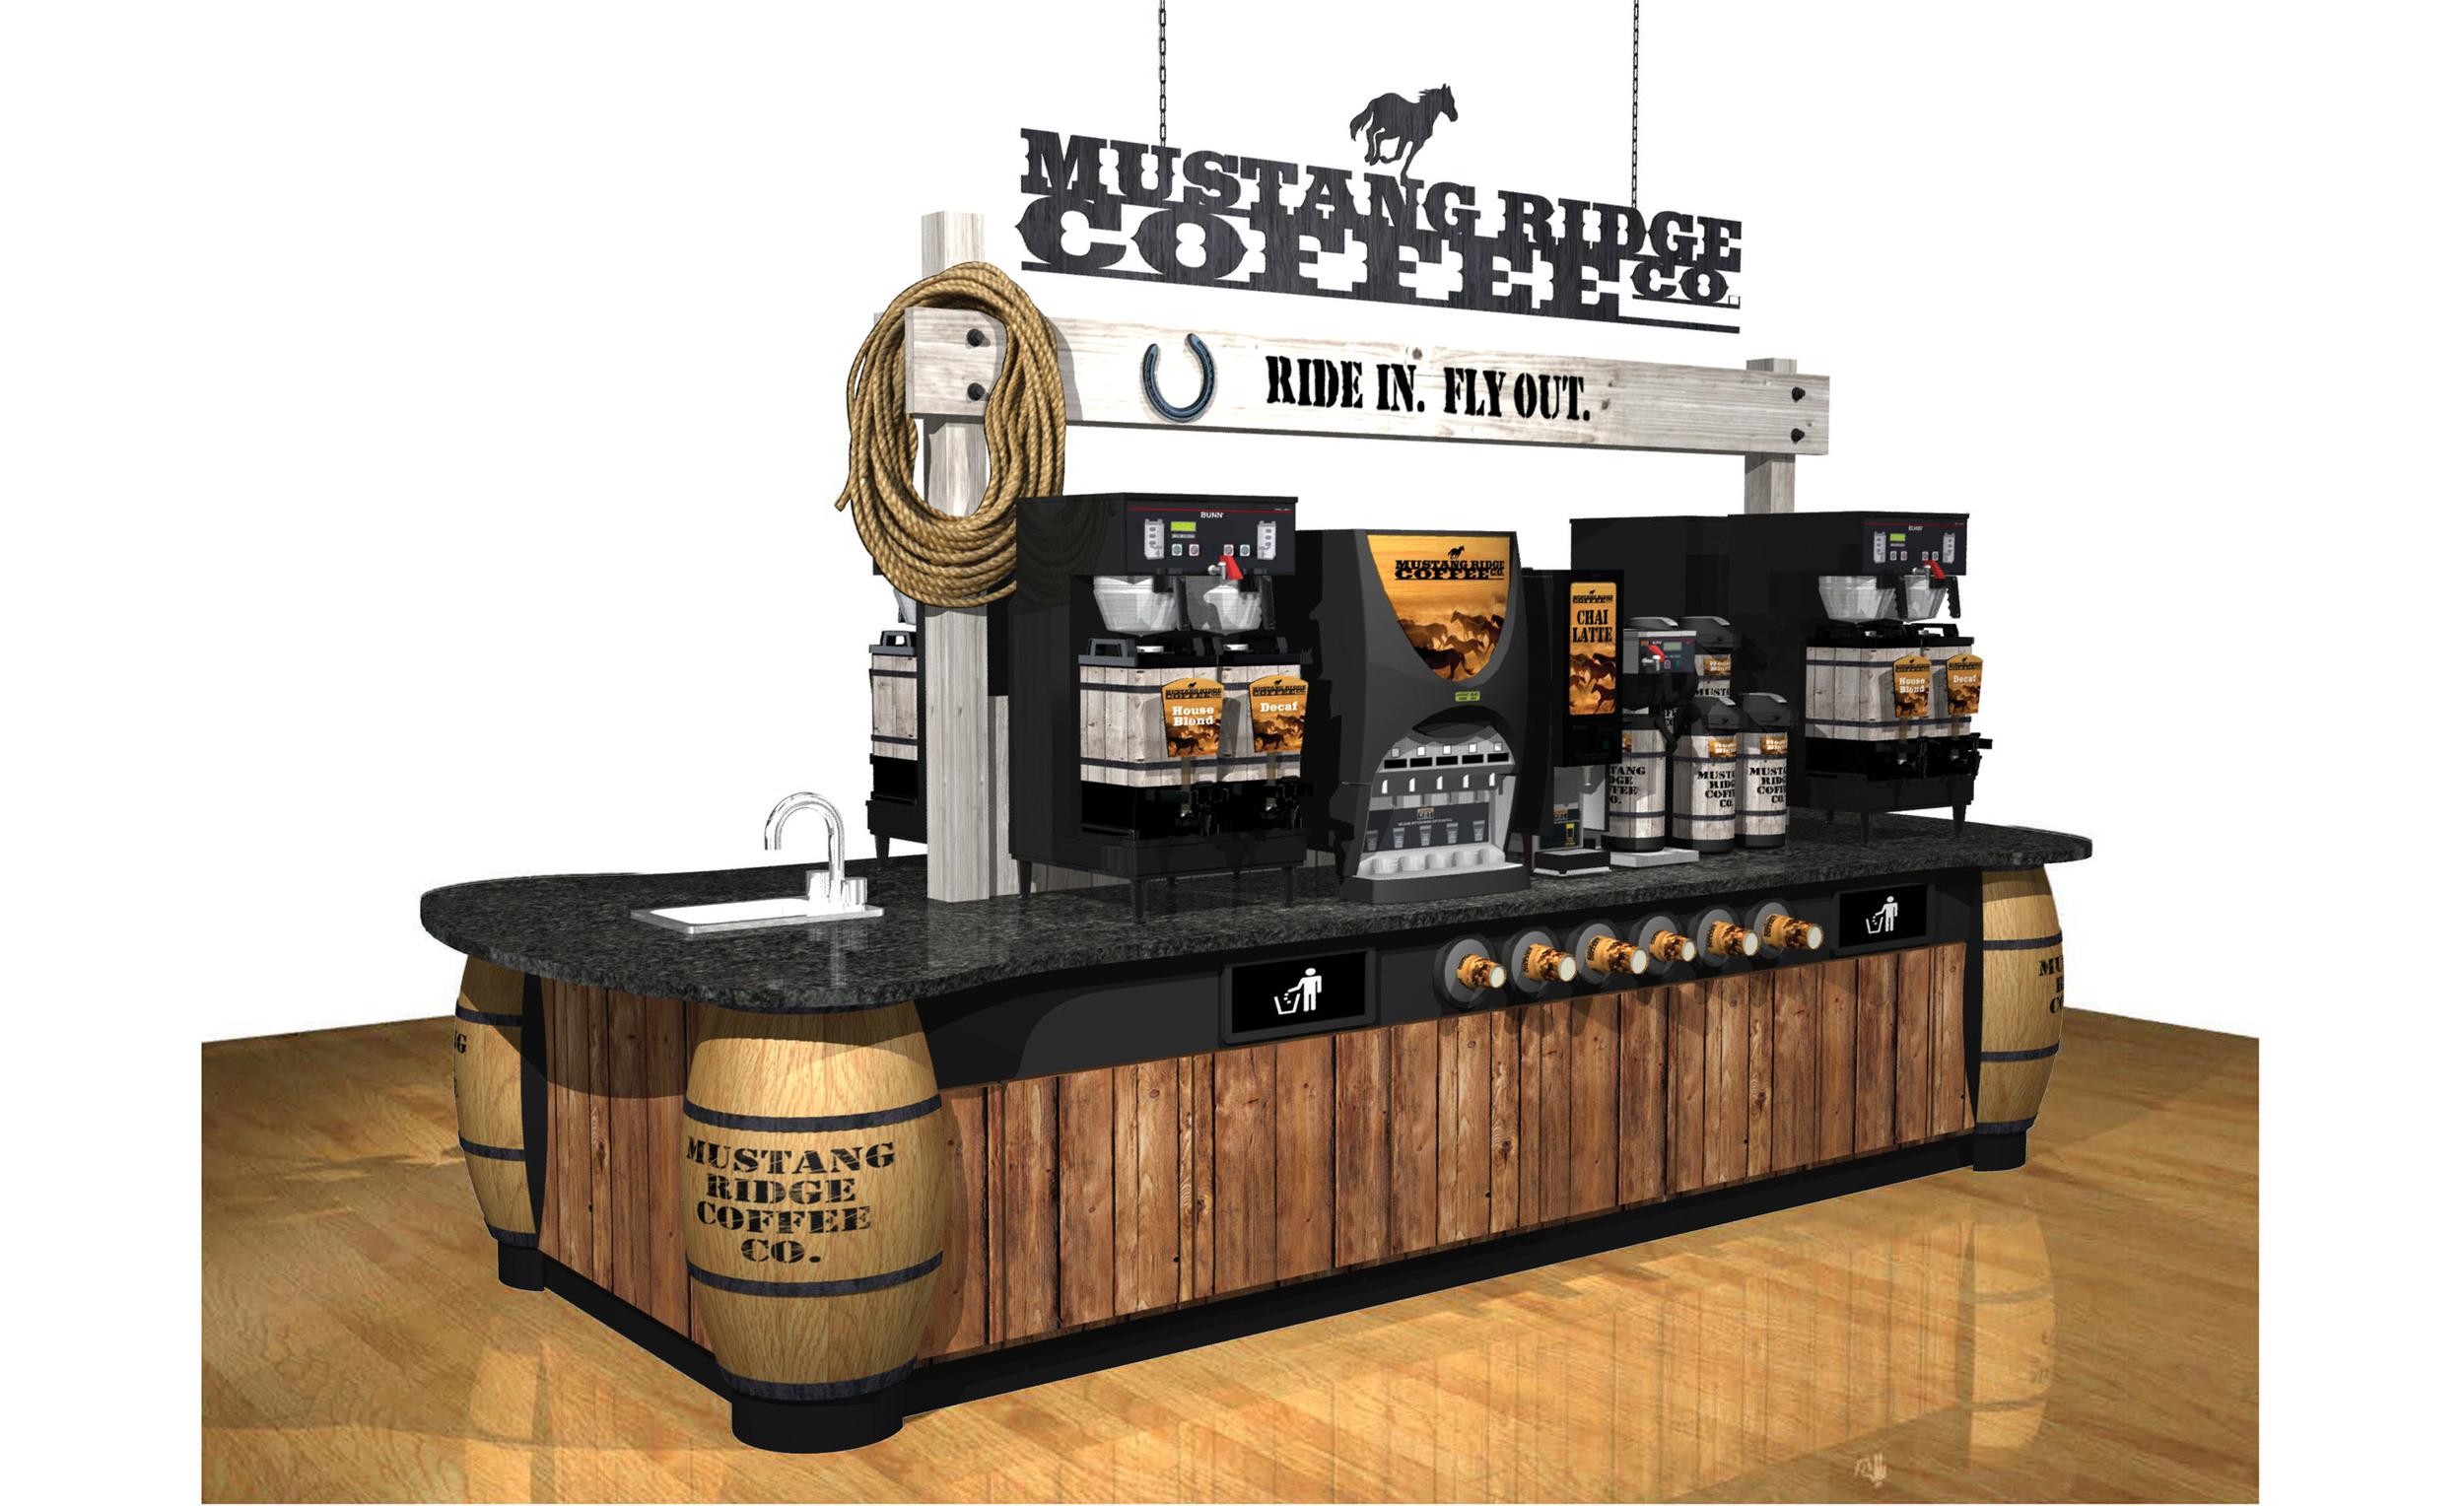 RoadRanger-MustangRidge-CoffeeCounter.jpg